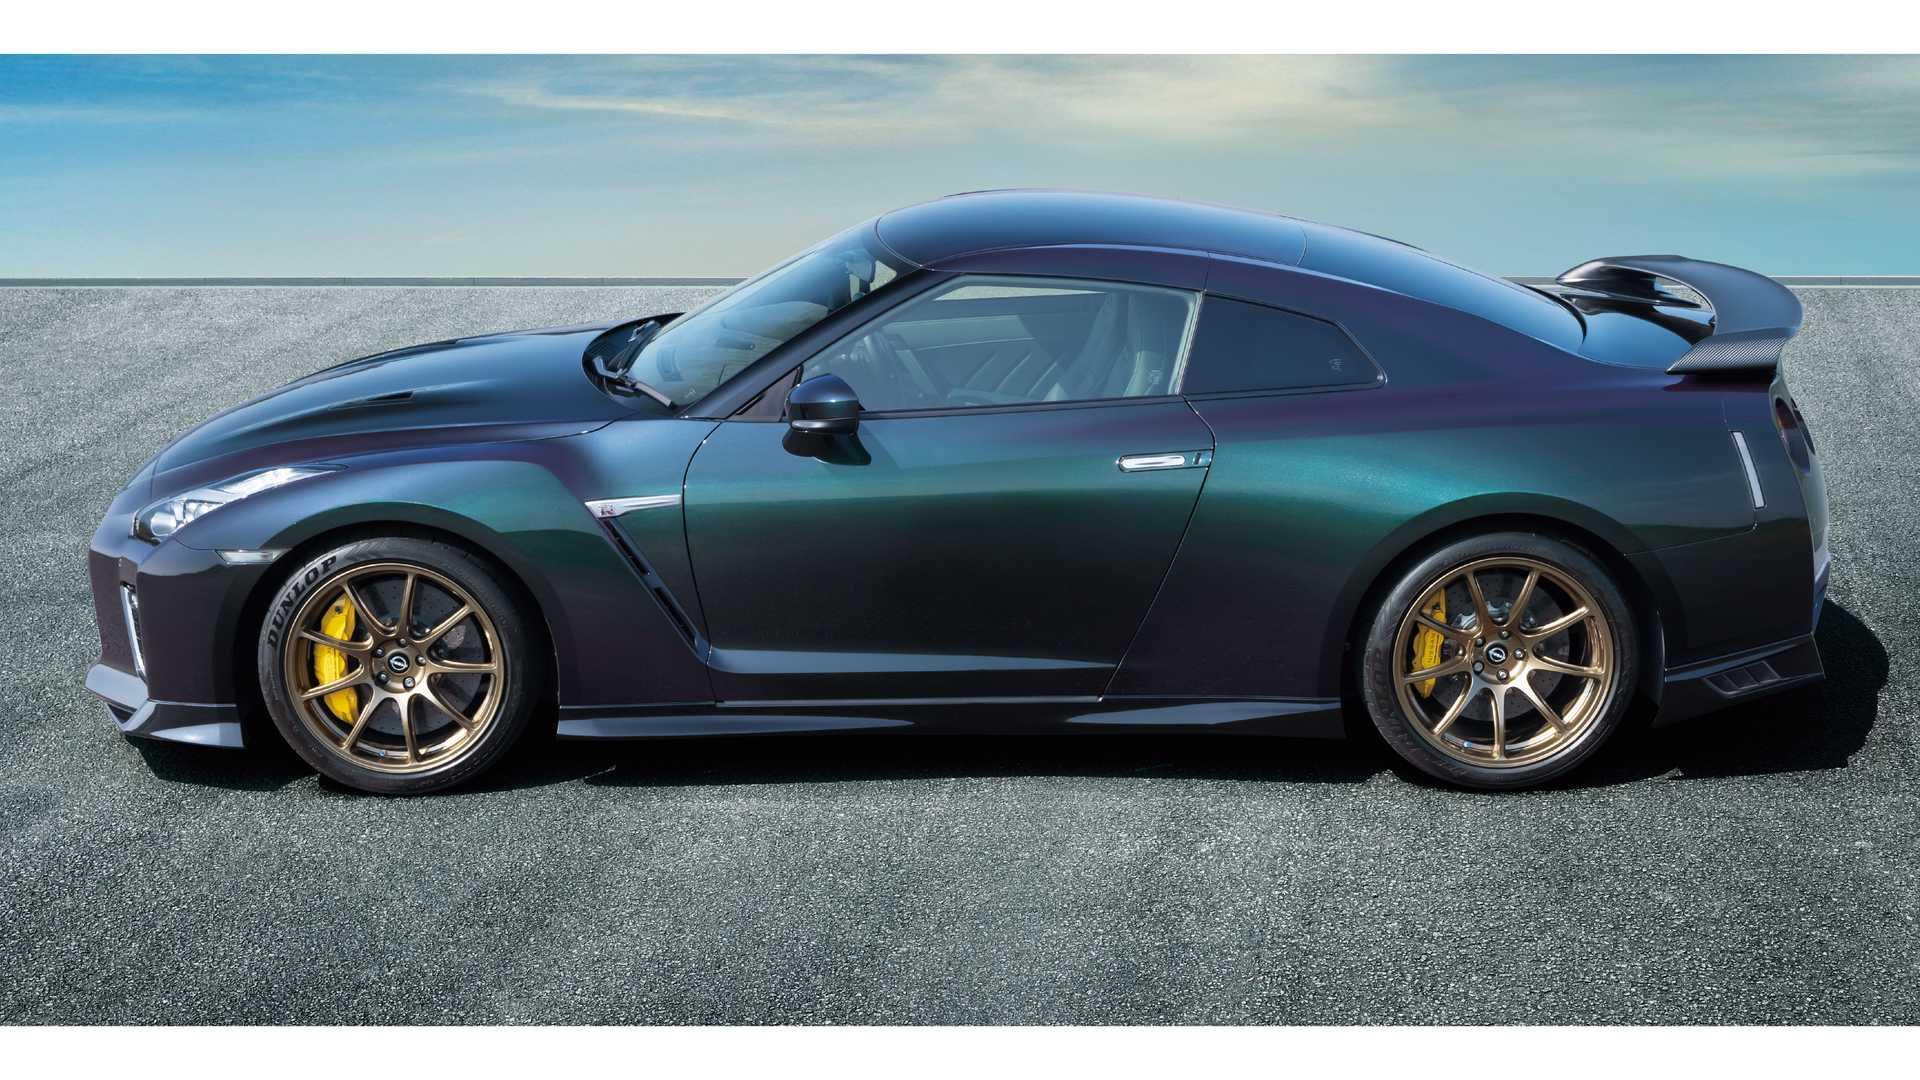 Компания «Ниссан» выпустила для домашнего рынка и США особое исполнение GT-R под названием T-spec. Адресовано оно фанатам, которые знакомы с историей модели.